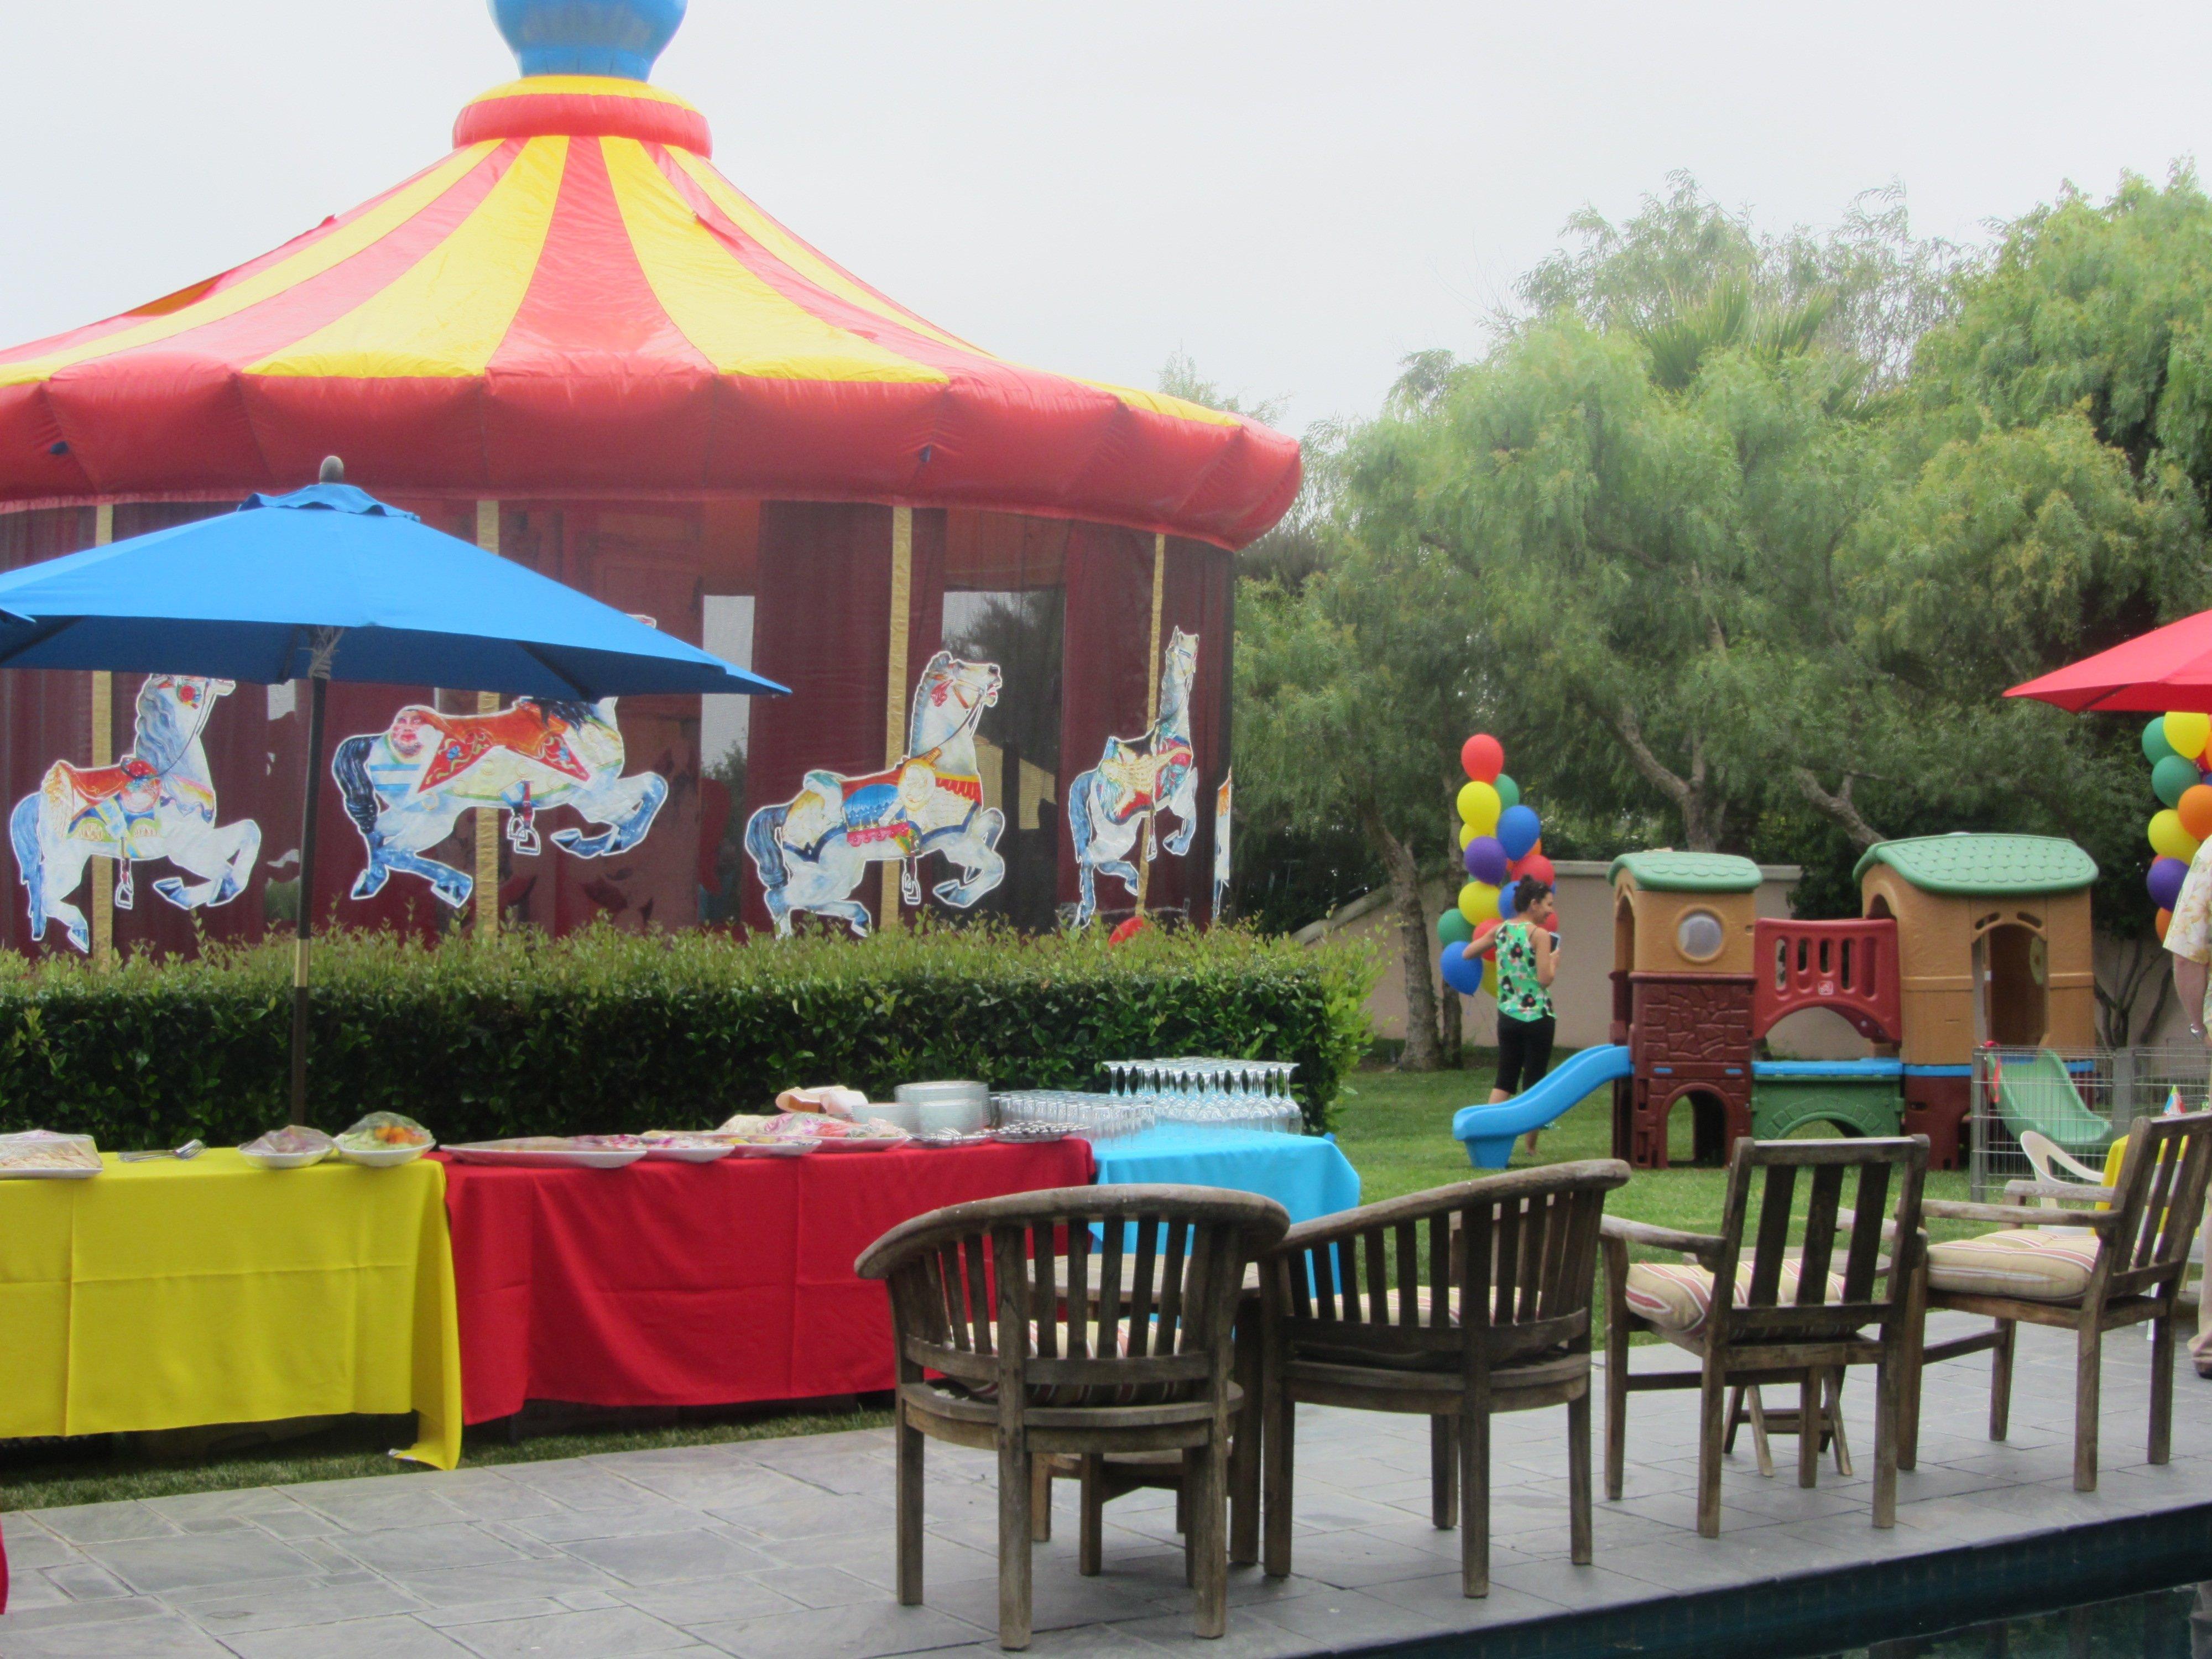 10 Cute Birthday Ideas In Los Angeles kids birthday parties planning kids birthday parties kids birthday 2 2020